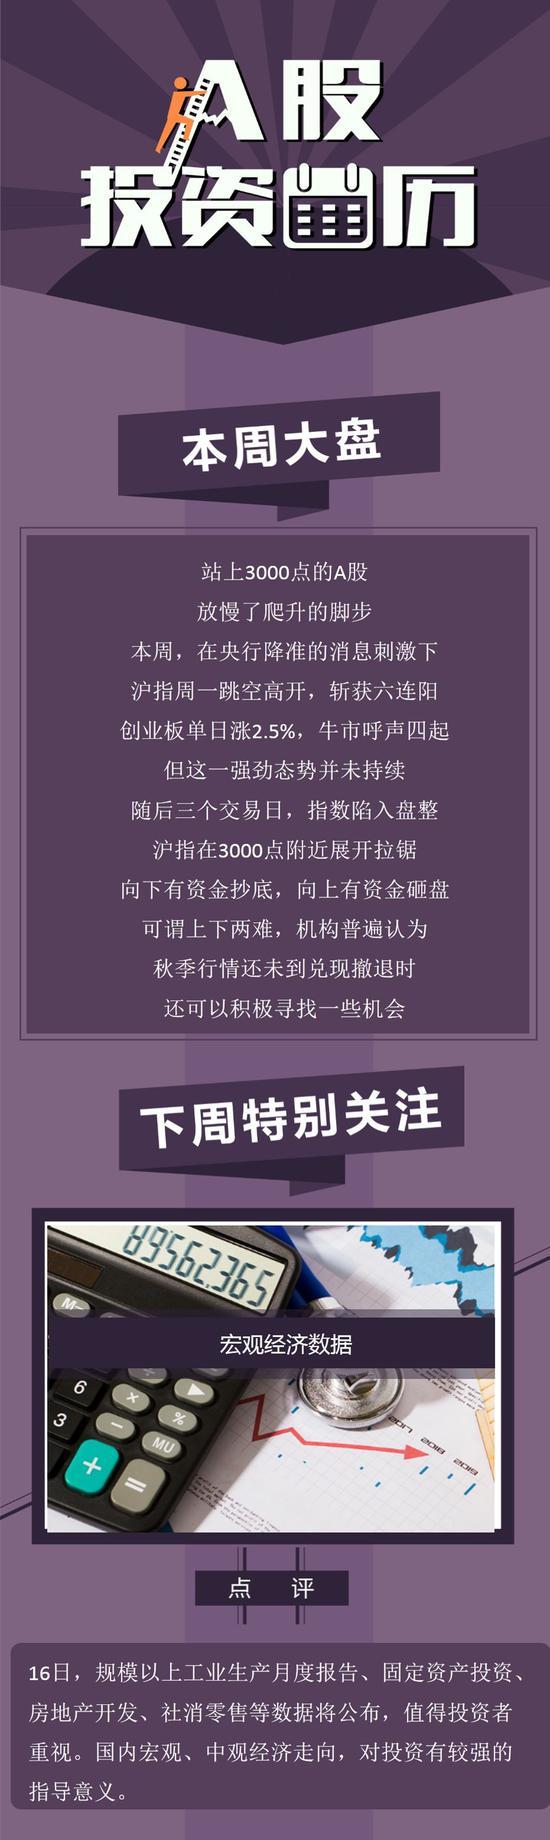 http://www.axxxc.com/chanyejingji/924763.html